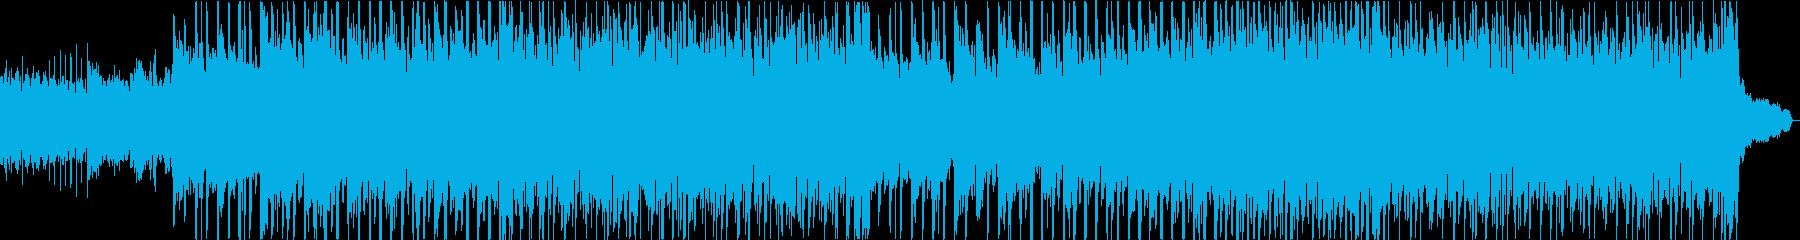 代替案 ポップ 現代的 交響曲 感...の再生済みの波形